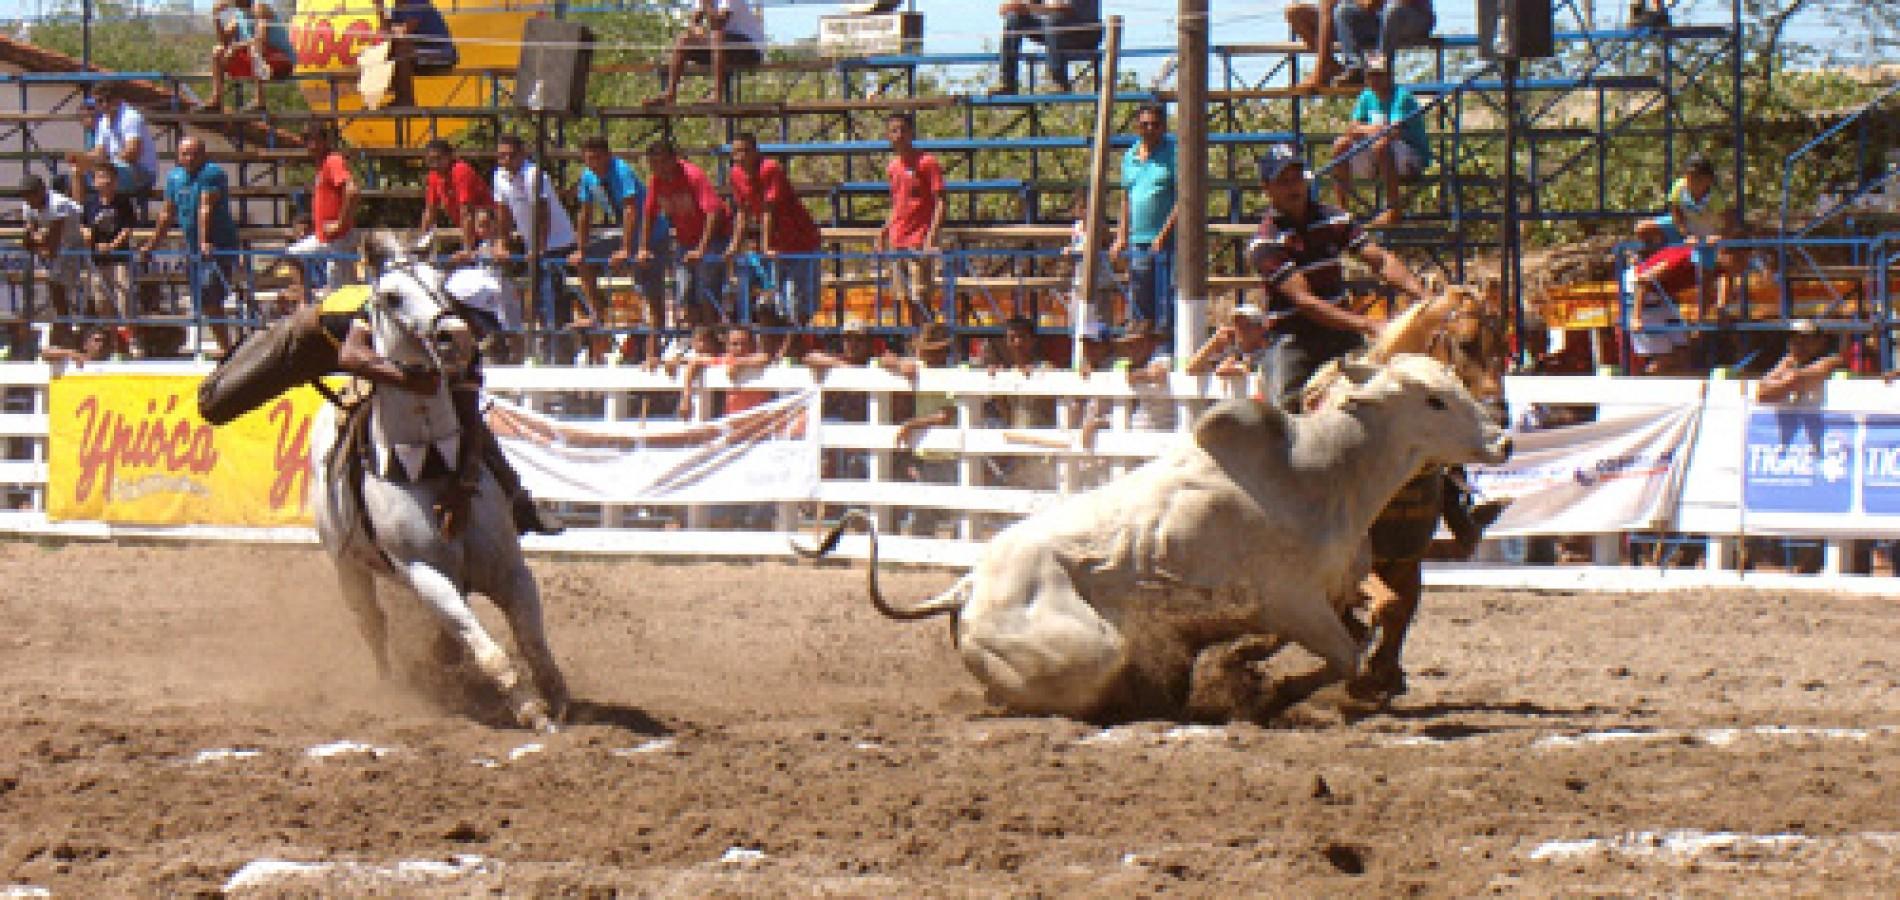 Vaquejada movimenta a cidade de Picos neste final de semana; veja as atrações